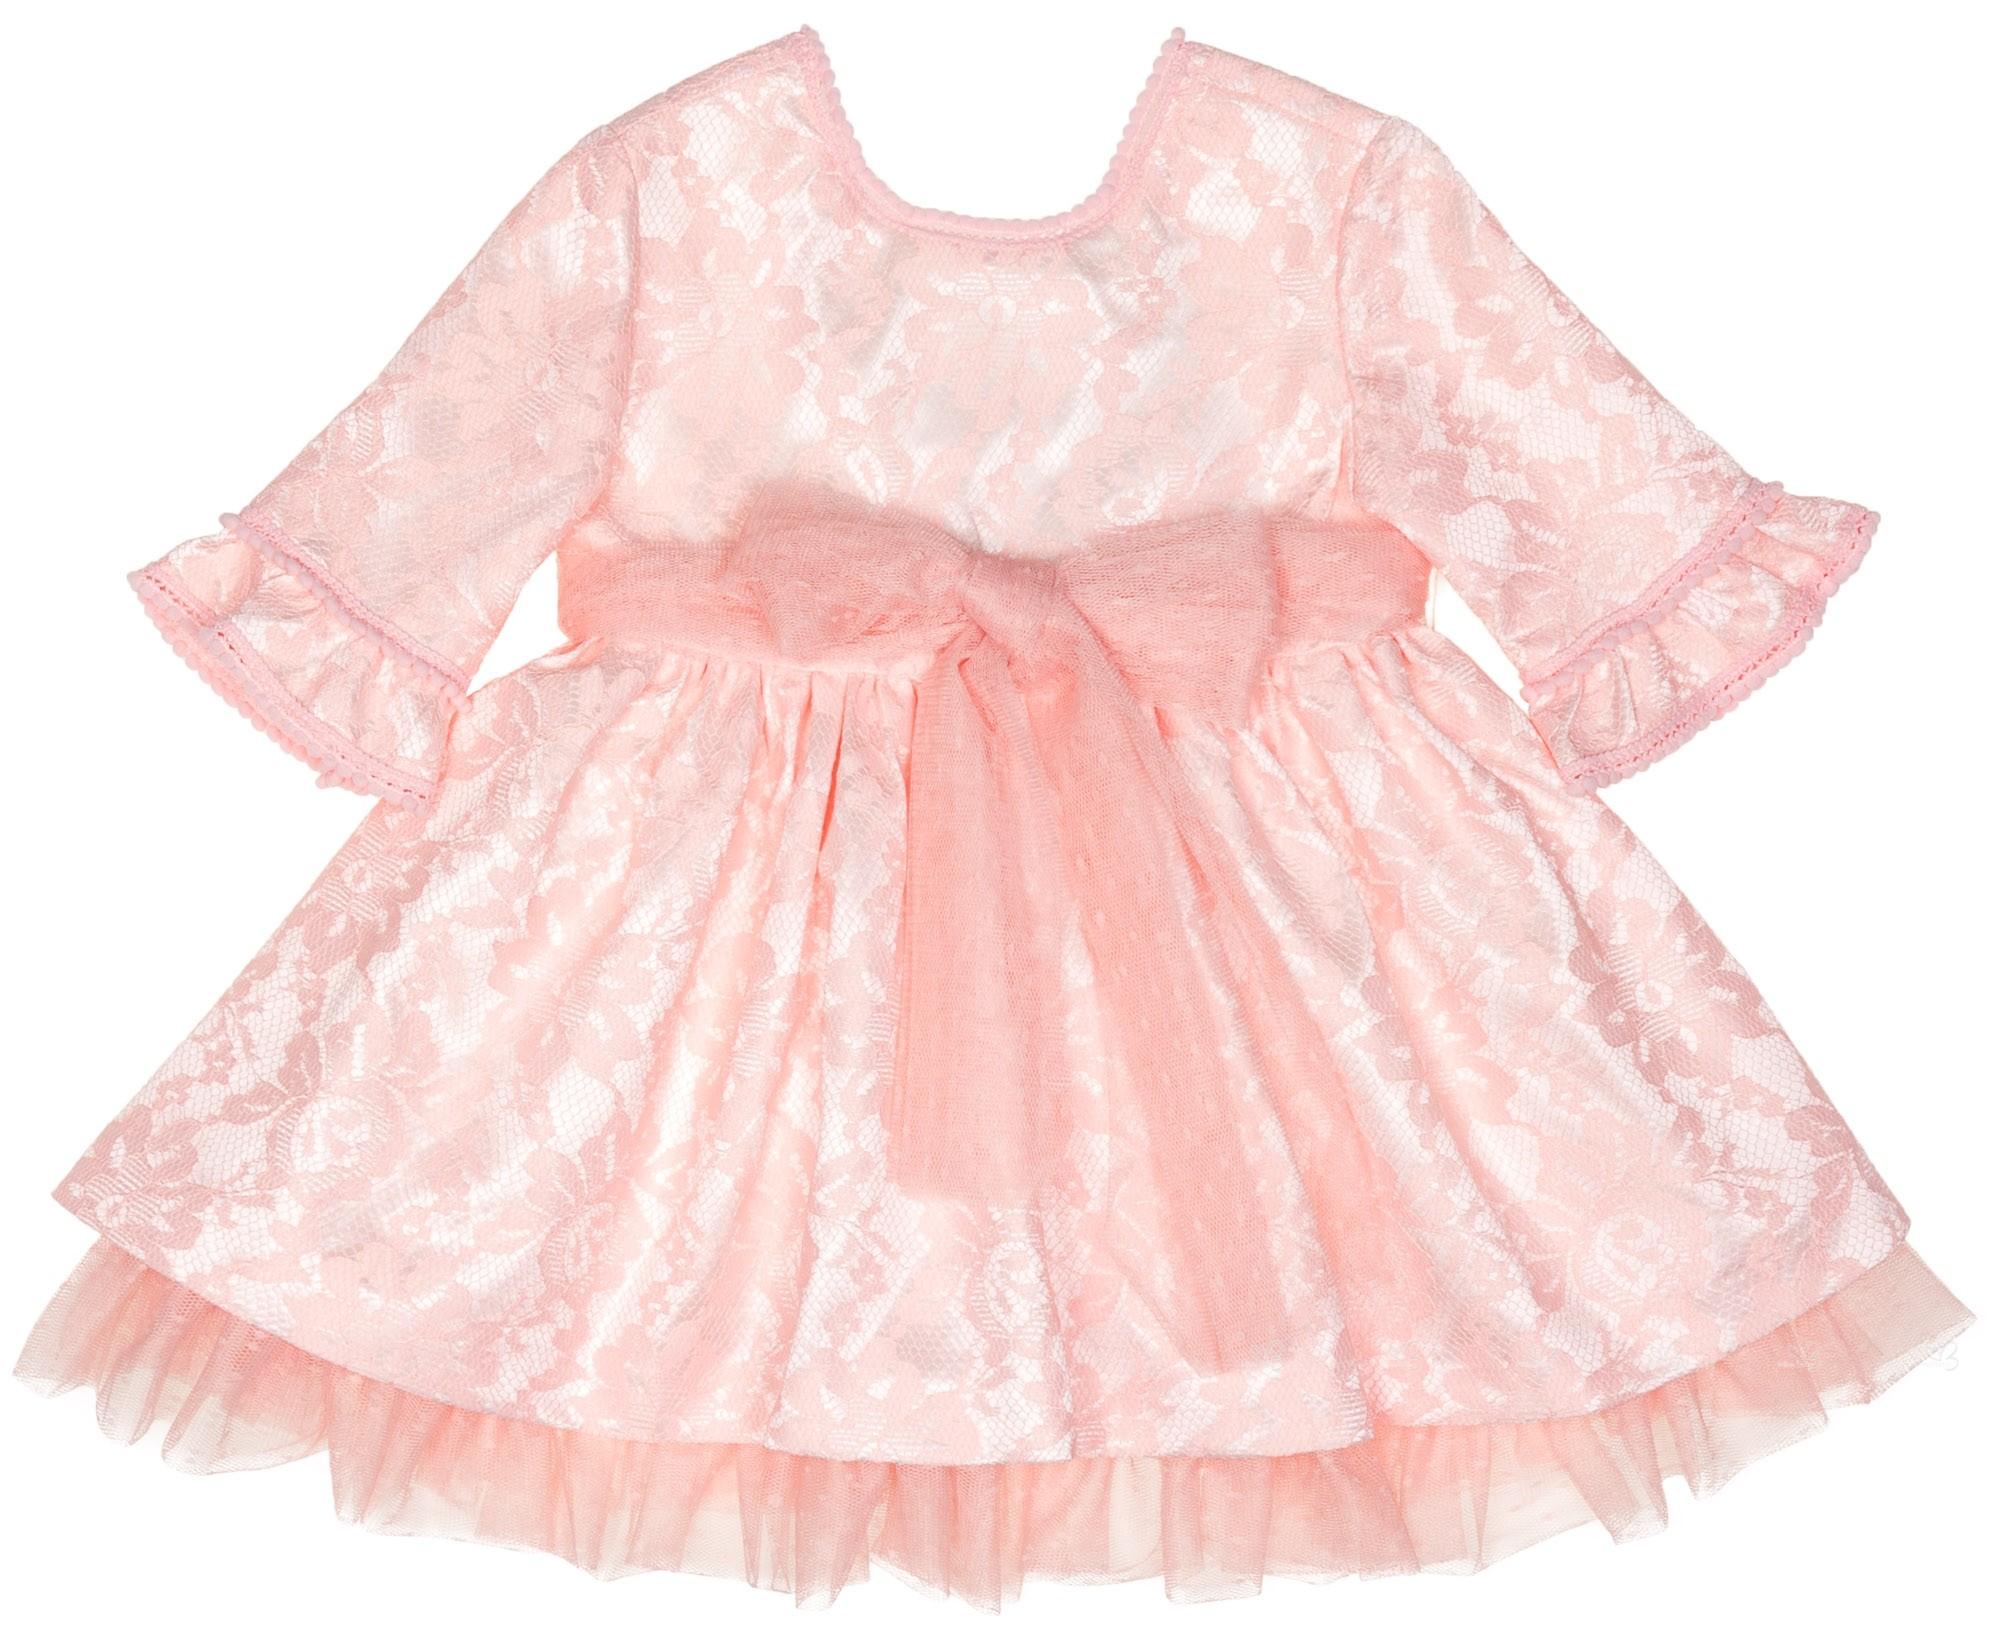 338784b83 Nekenia Vestido Niña Manga Francesa Raso   Encaje Rosa  Vestido Niña  Ceremonia ...